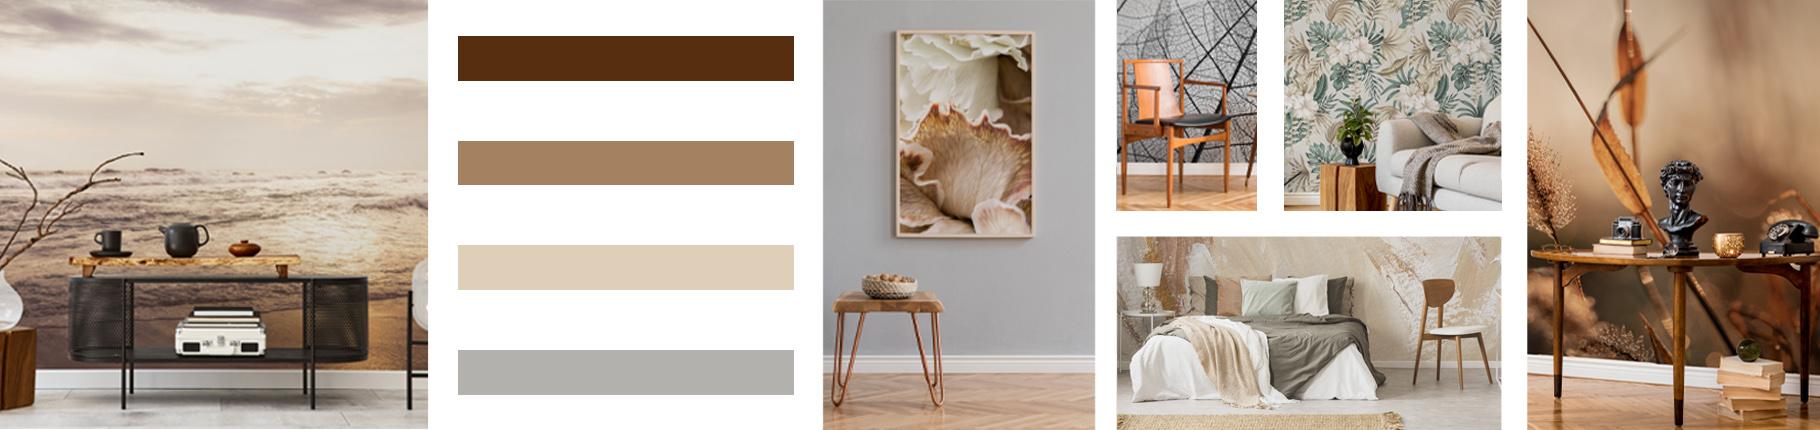 Comment choisir un décor mural ?